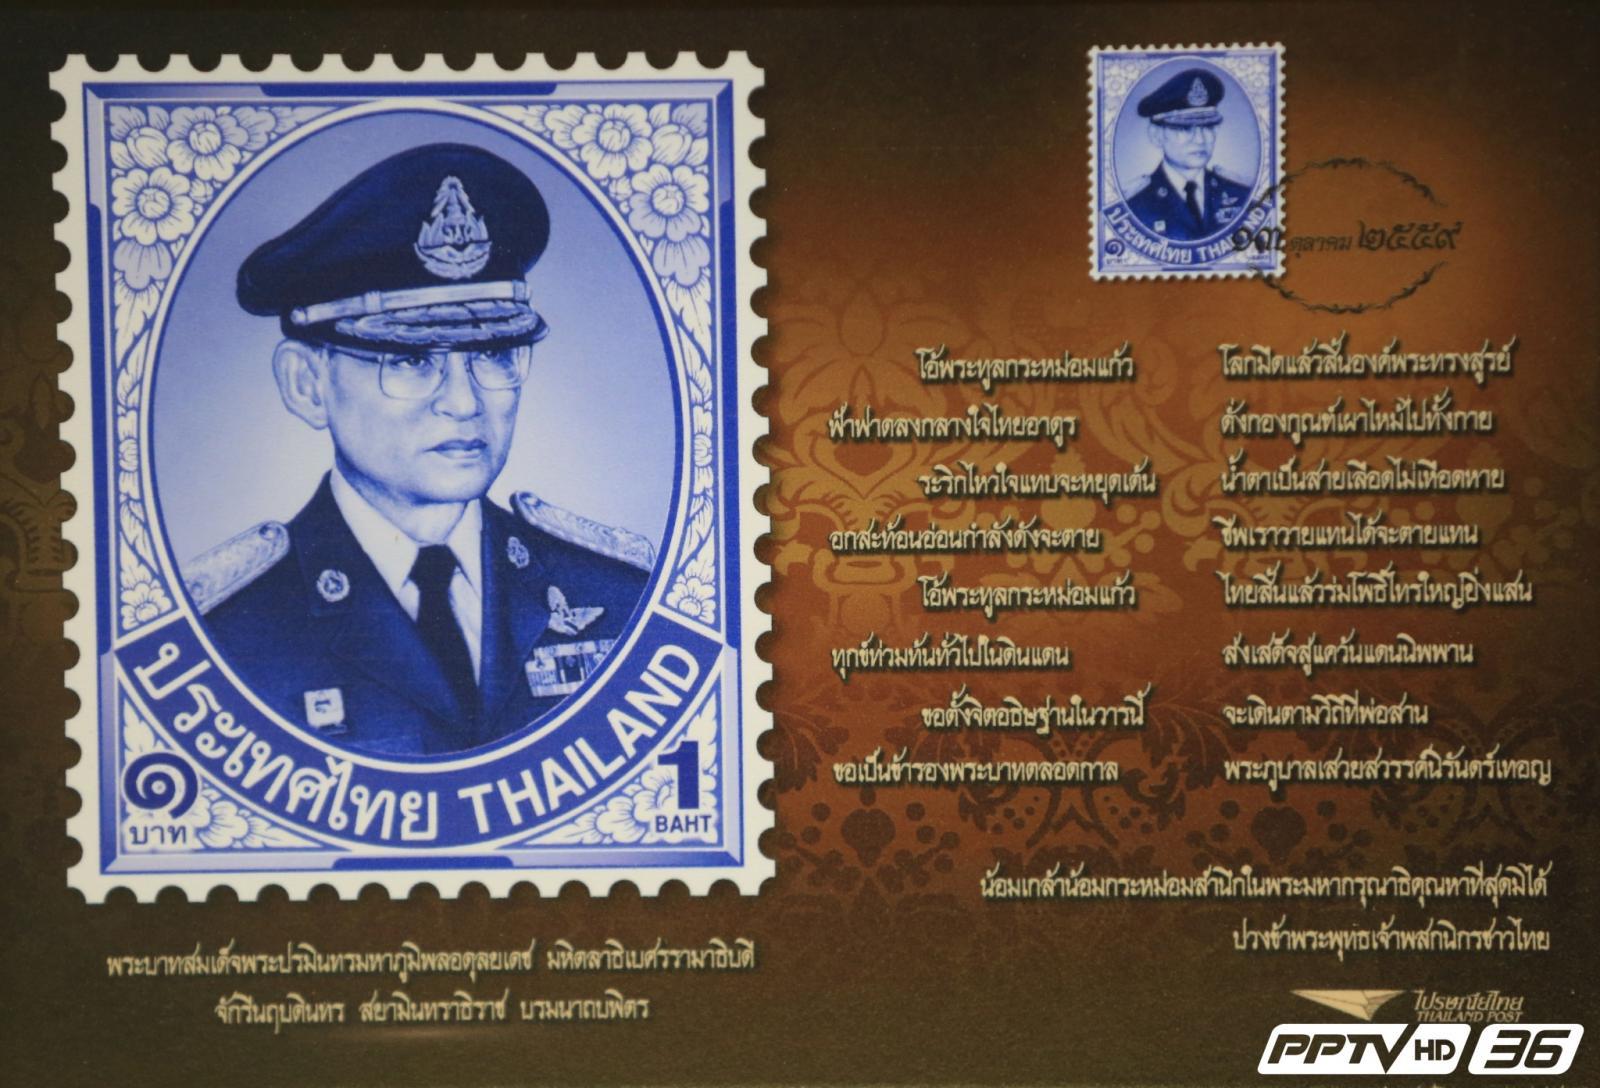 ไปรษณีย์ไทยเตรียมแจกฟรี บัตรภาพผนึกแสตมป์ ร.9 ชุดสุดท้าย